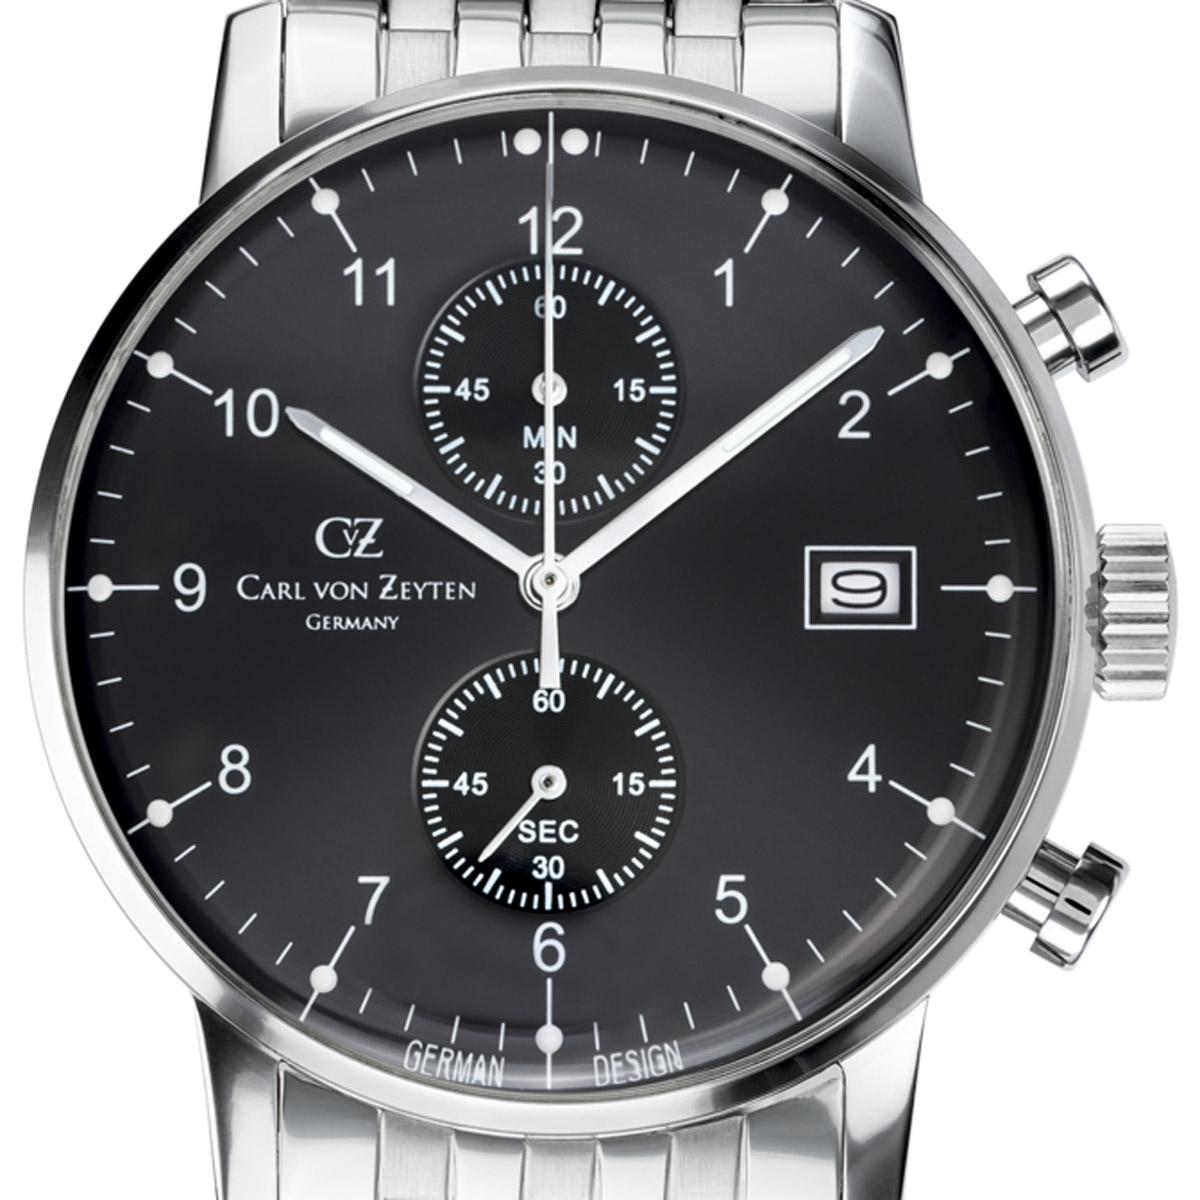 Carl von Zeyten カール・フォン・ツォイテン 電池式クォーツ 腕時計 [CvZ0007BKMB] 正規品  クロノグラフ